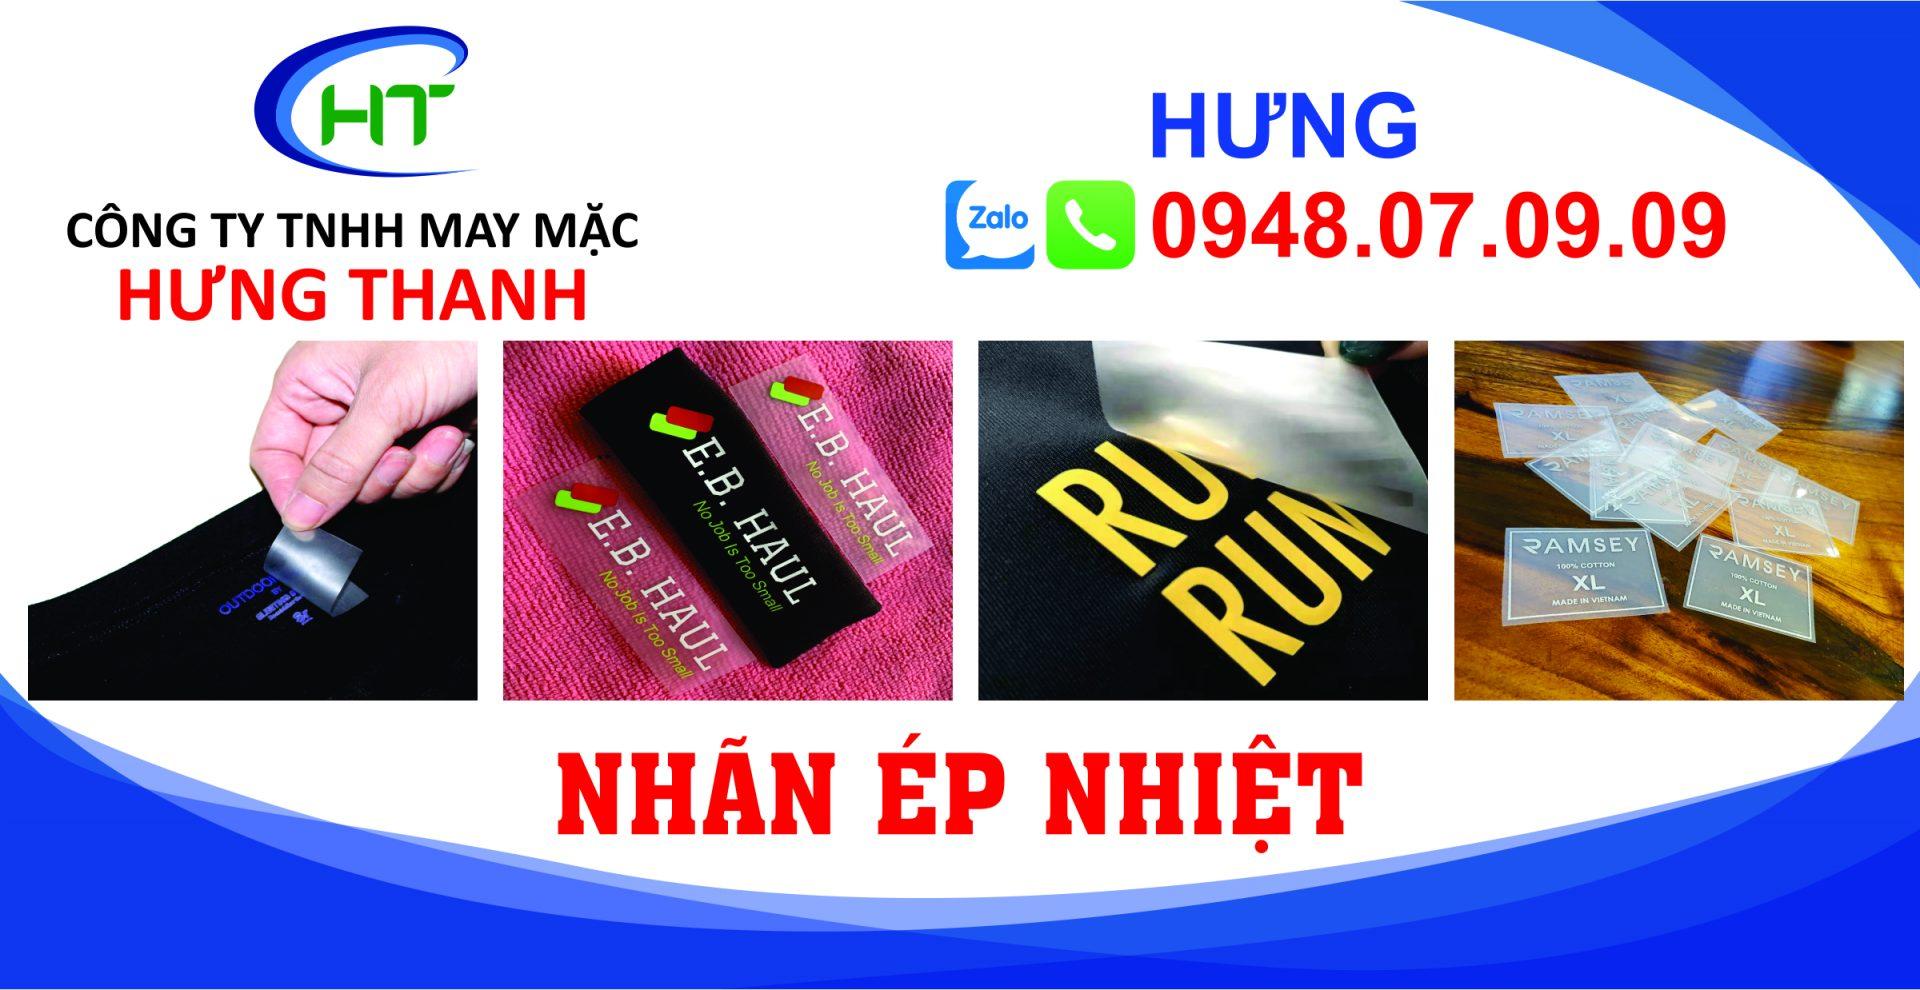 nhan-ep-nhiet-Hung-Thanh-1.jpg